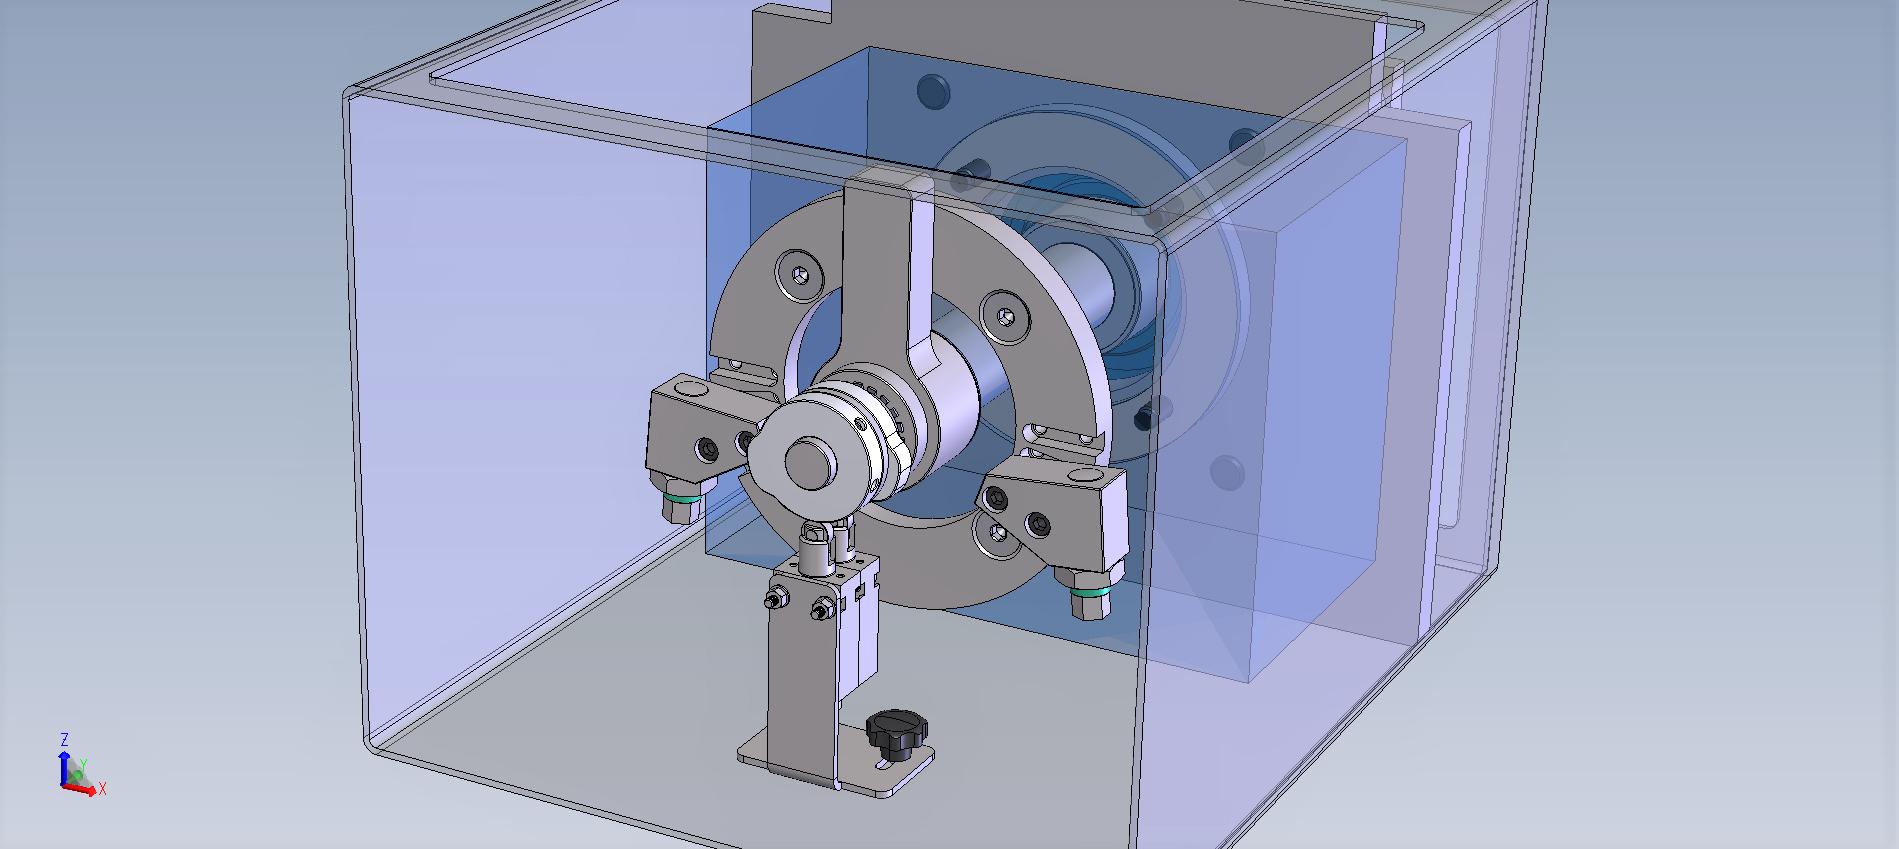 Etudes de renforcement des butées mécaniques<br>d'un retourneur de fûts